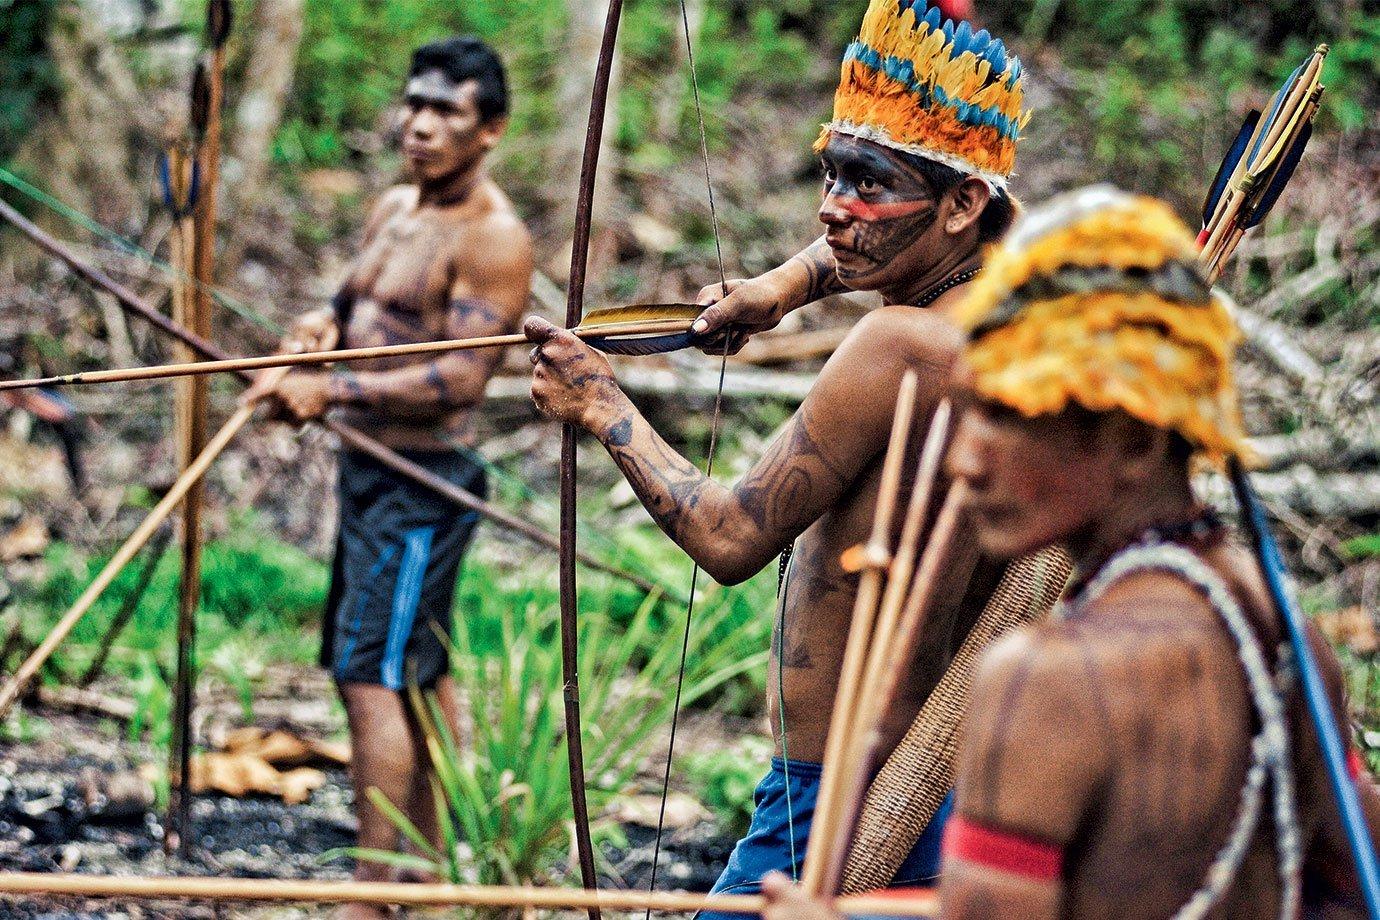 Índios na Amazônia: as terras indígenas se tornaram alvo dos madeireiros ilegais